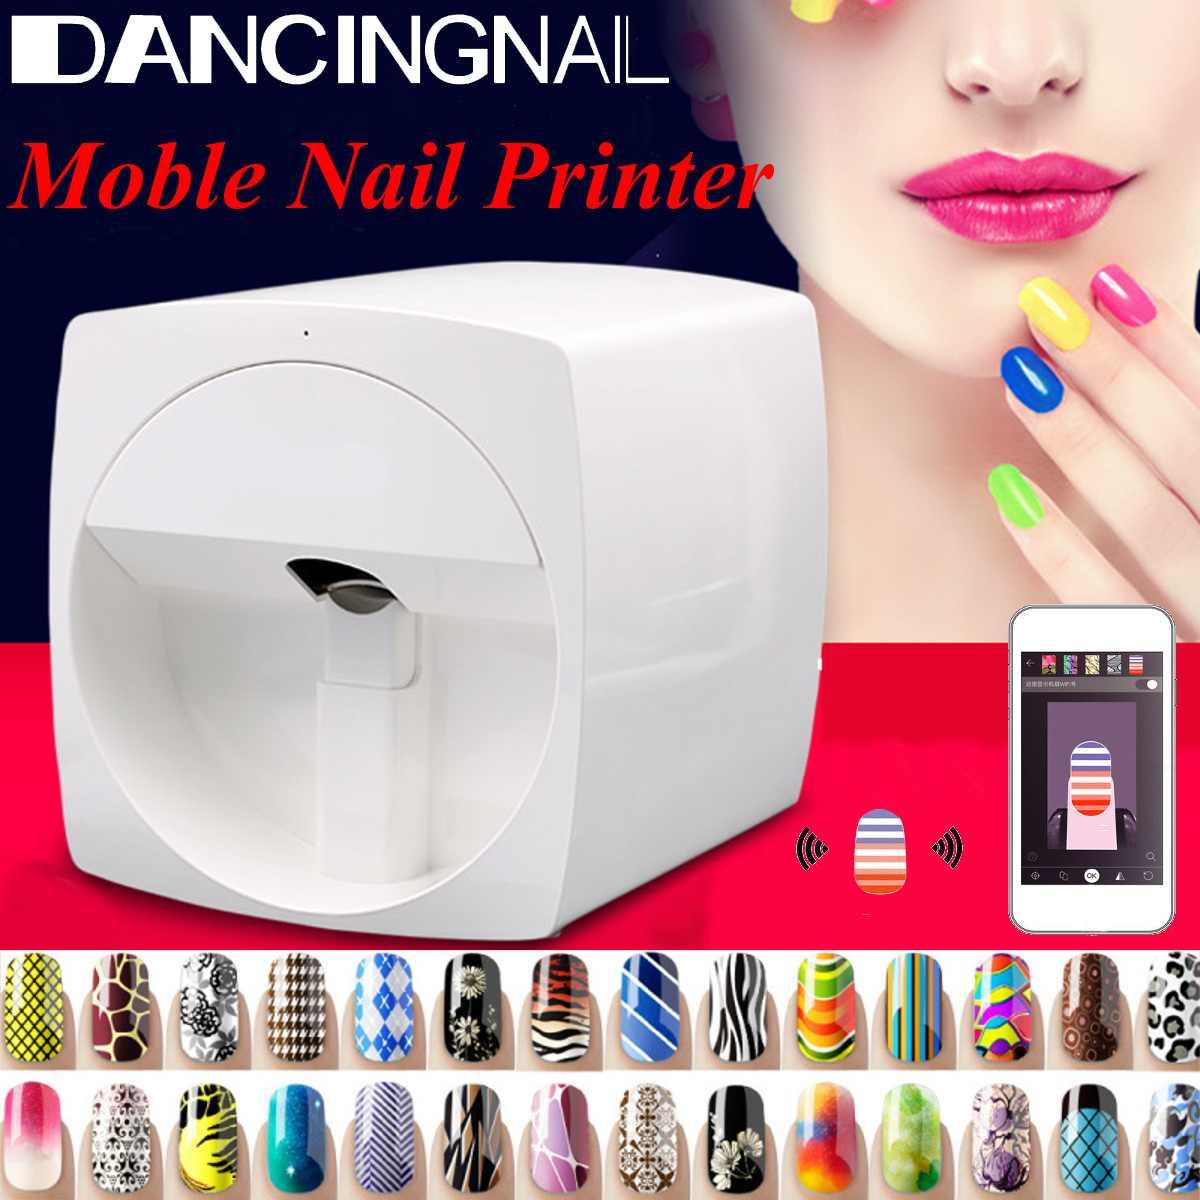 Imprimante à ongles Mobile manucure Transmission Photo motif impression couleur transfert image conception Nail Art équipement nouveau